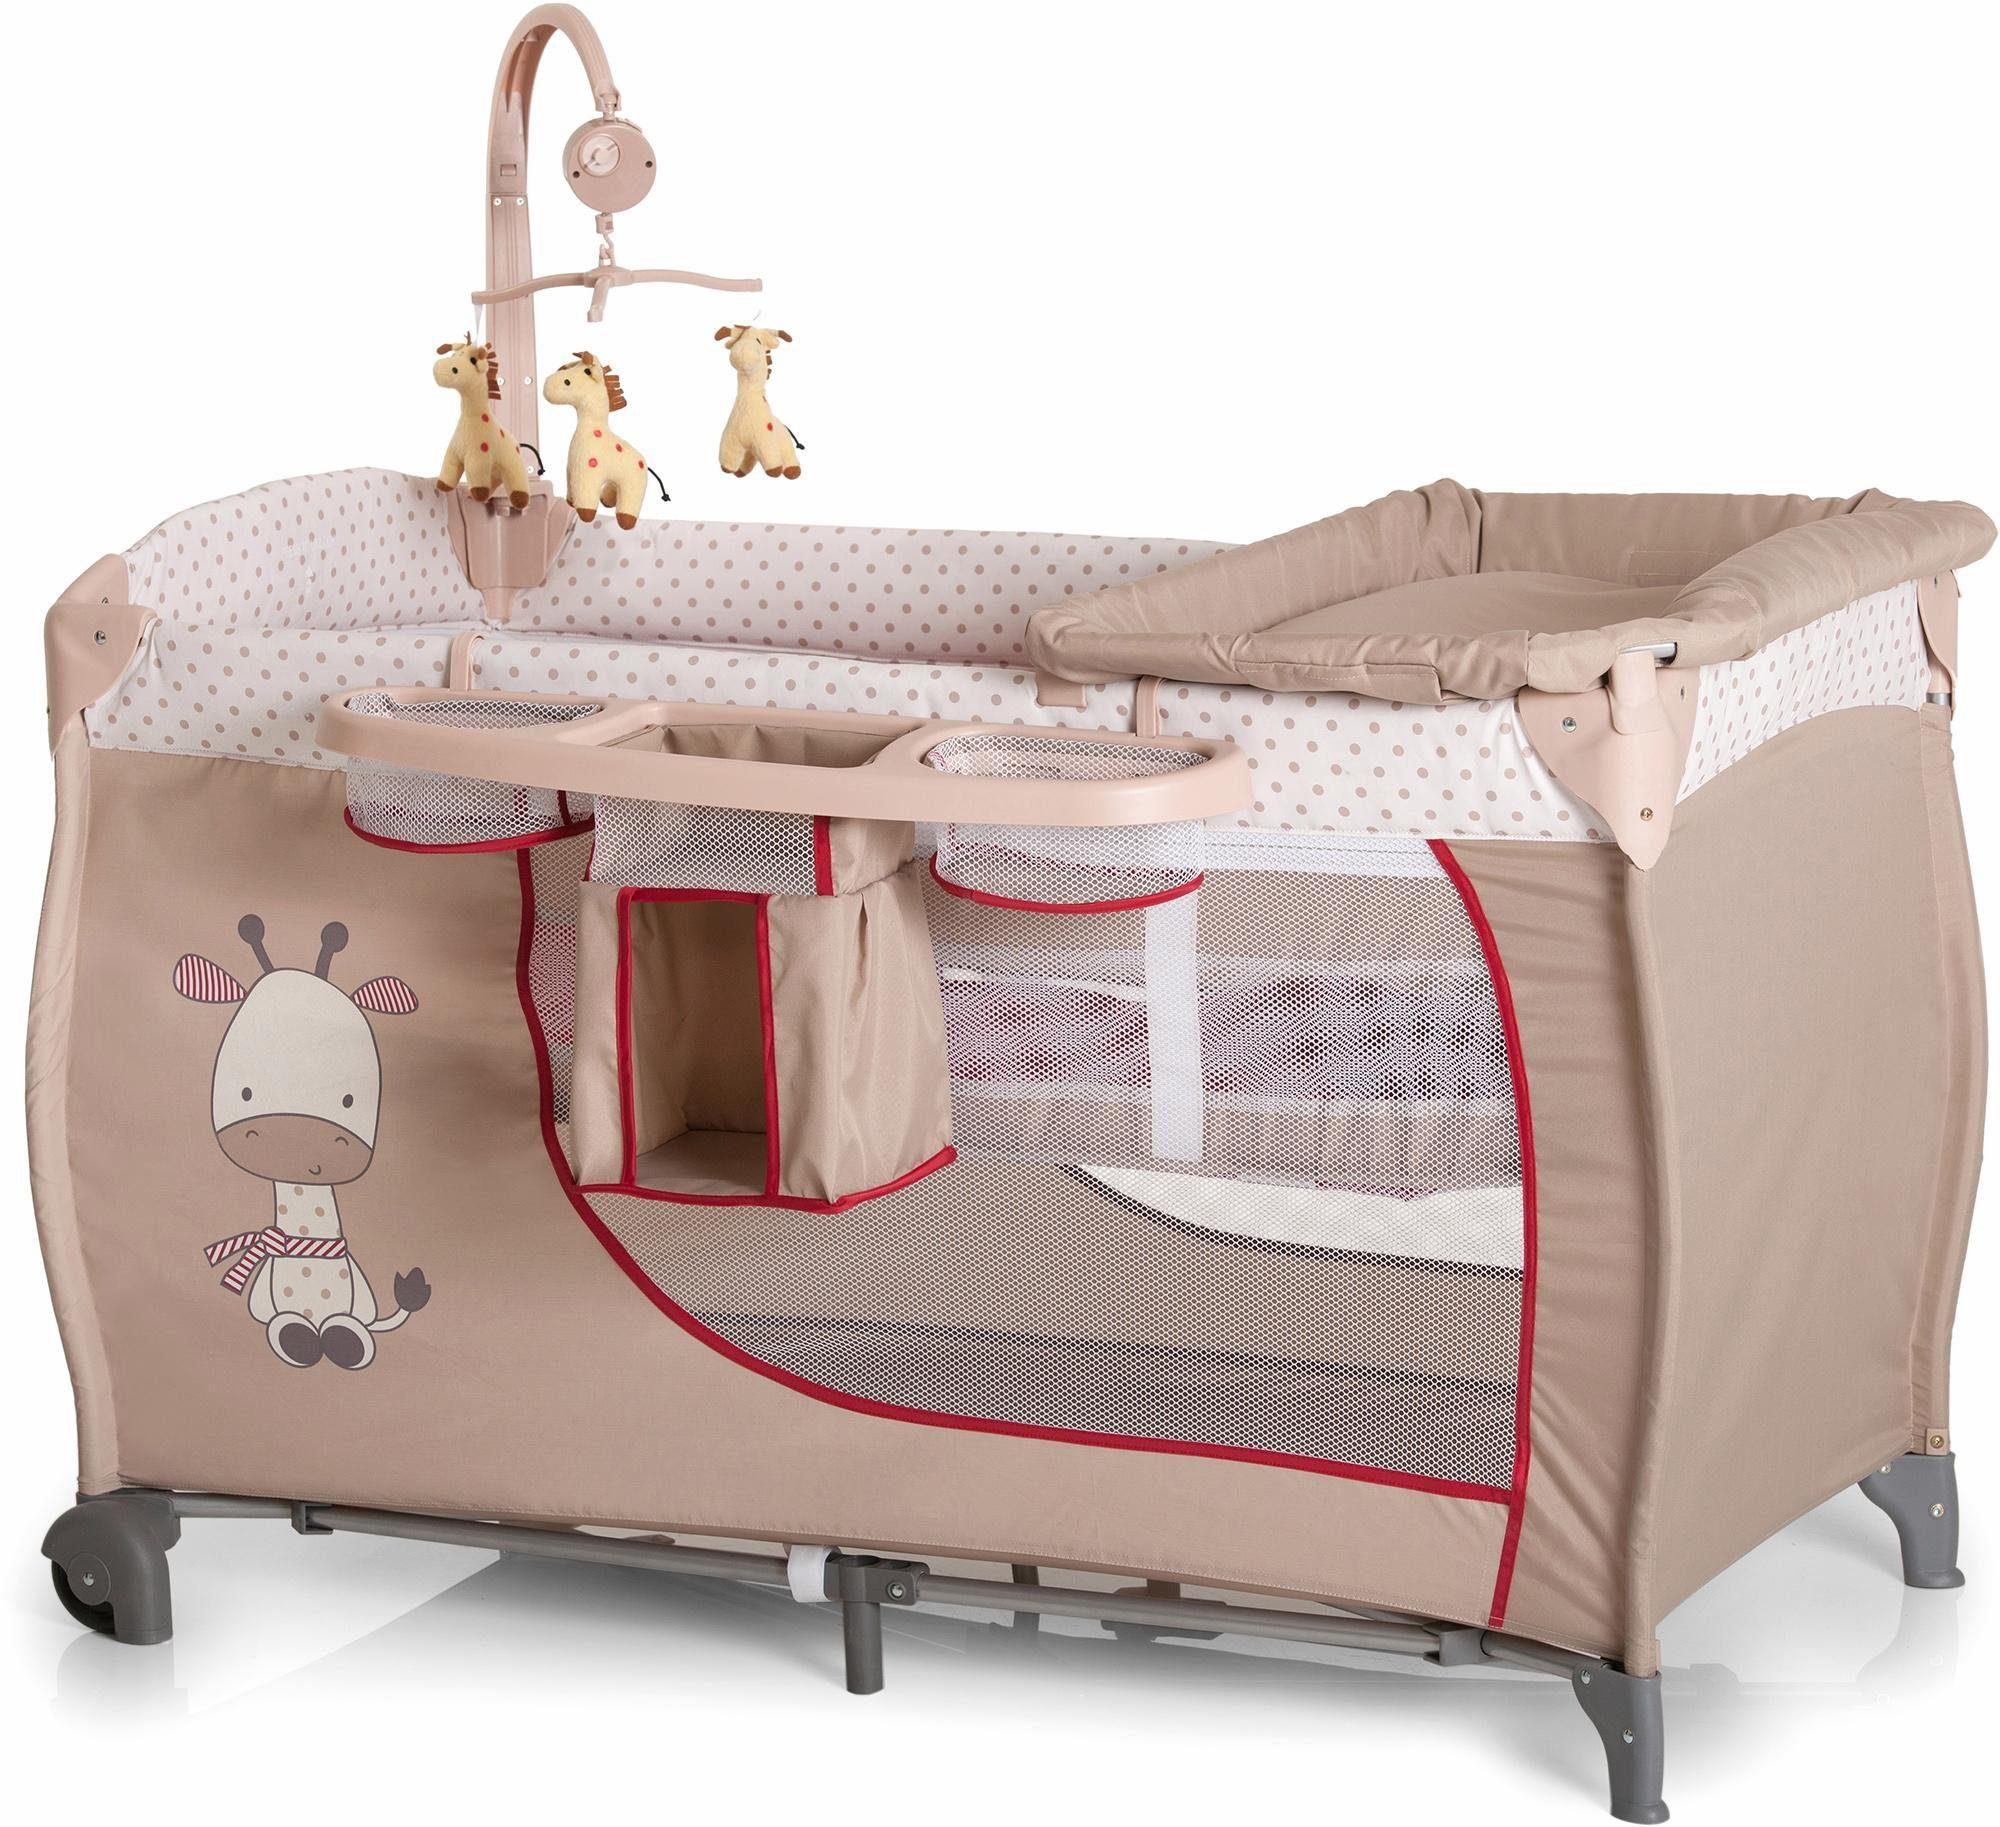 hauck FUN FOR KIDS Reisebett mit Mobile und Tragetasche, »Babycenter Giraffe«